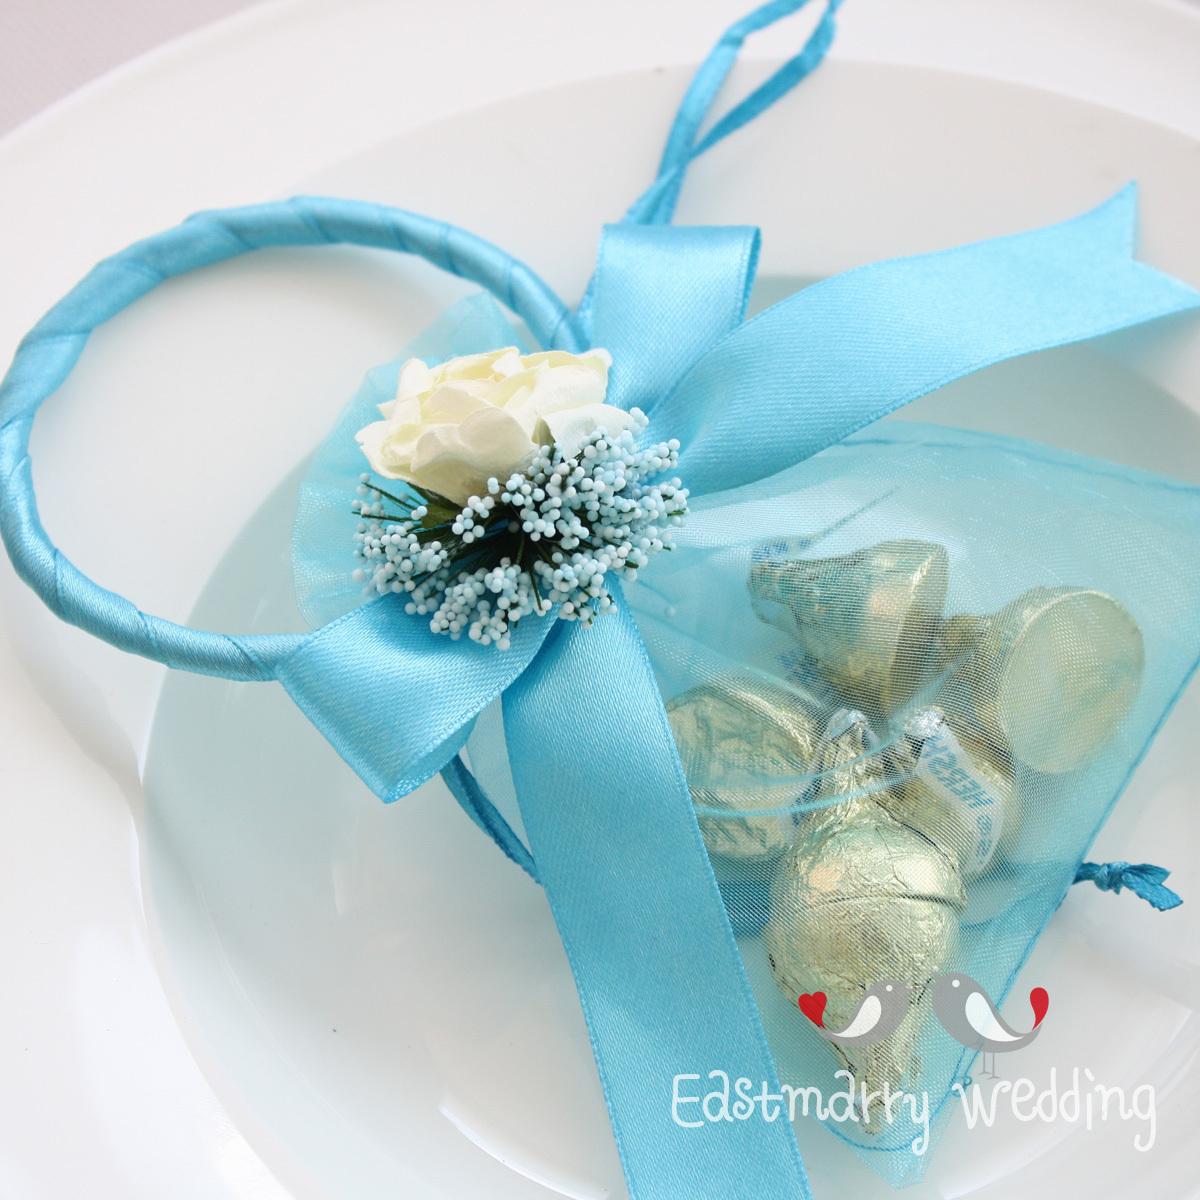 东方新娘中号糖袋纱袋 婚庆喜糖盒 创意 好时 费列罗 天使环